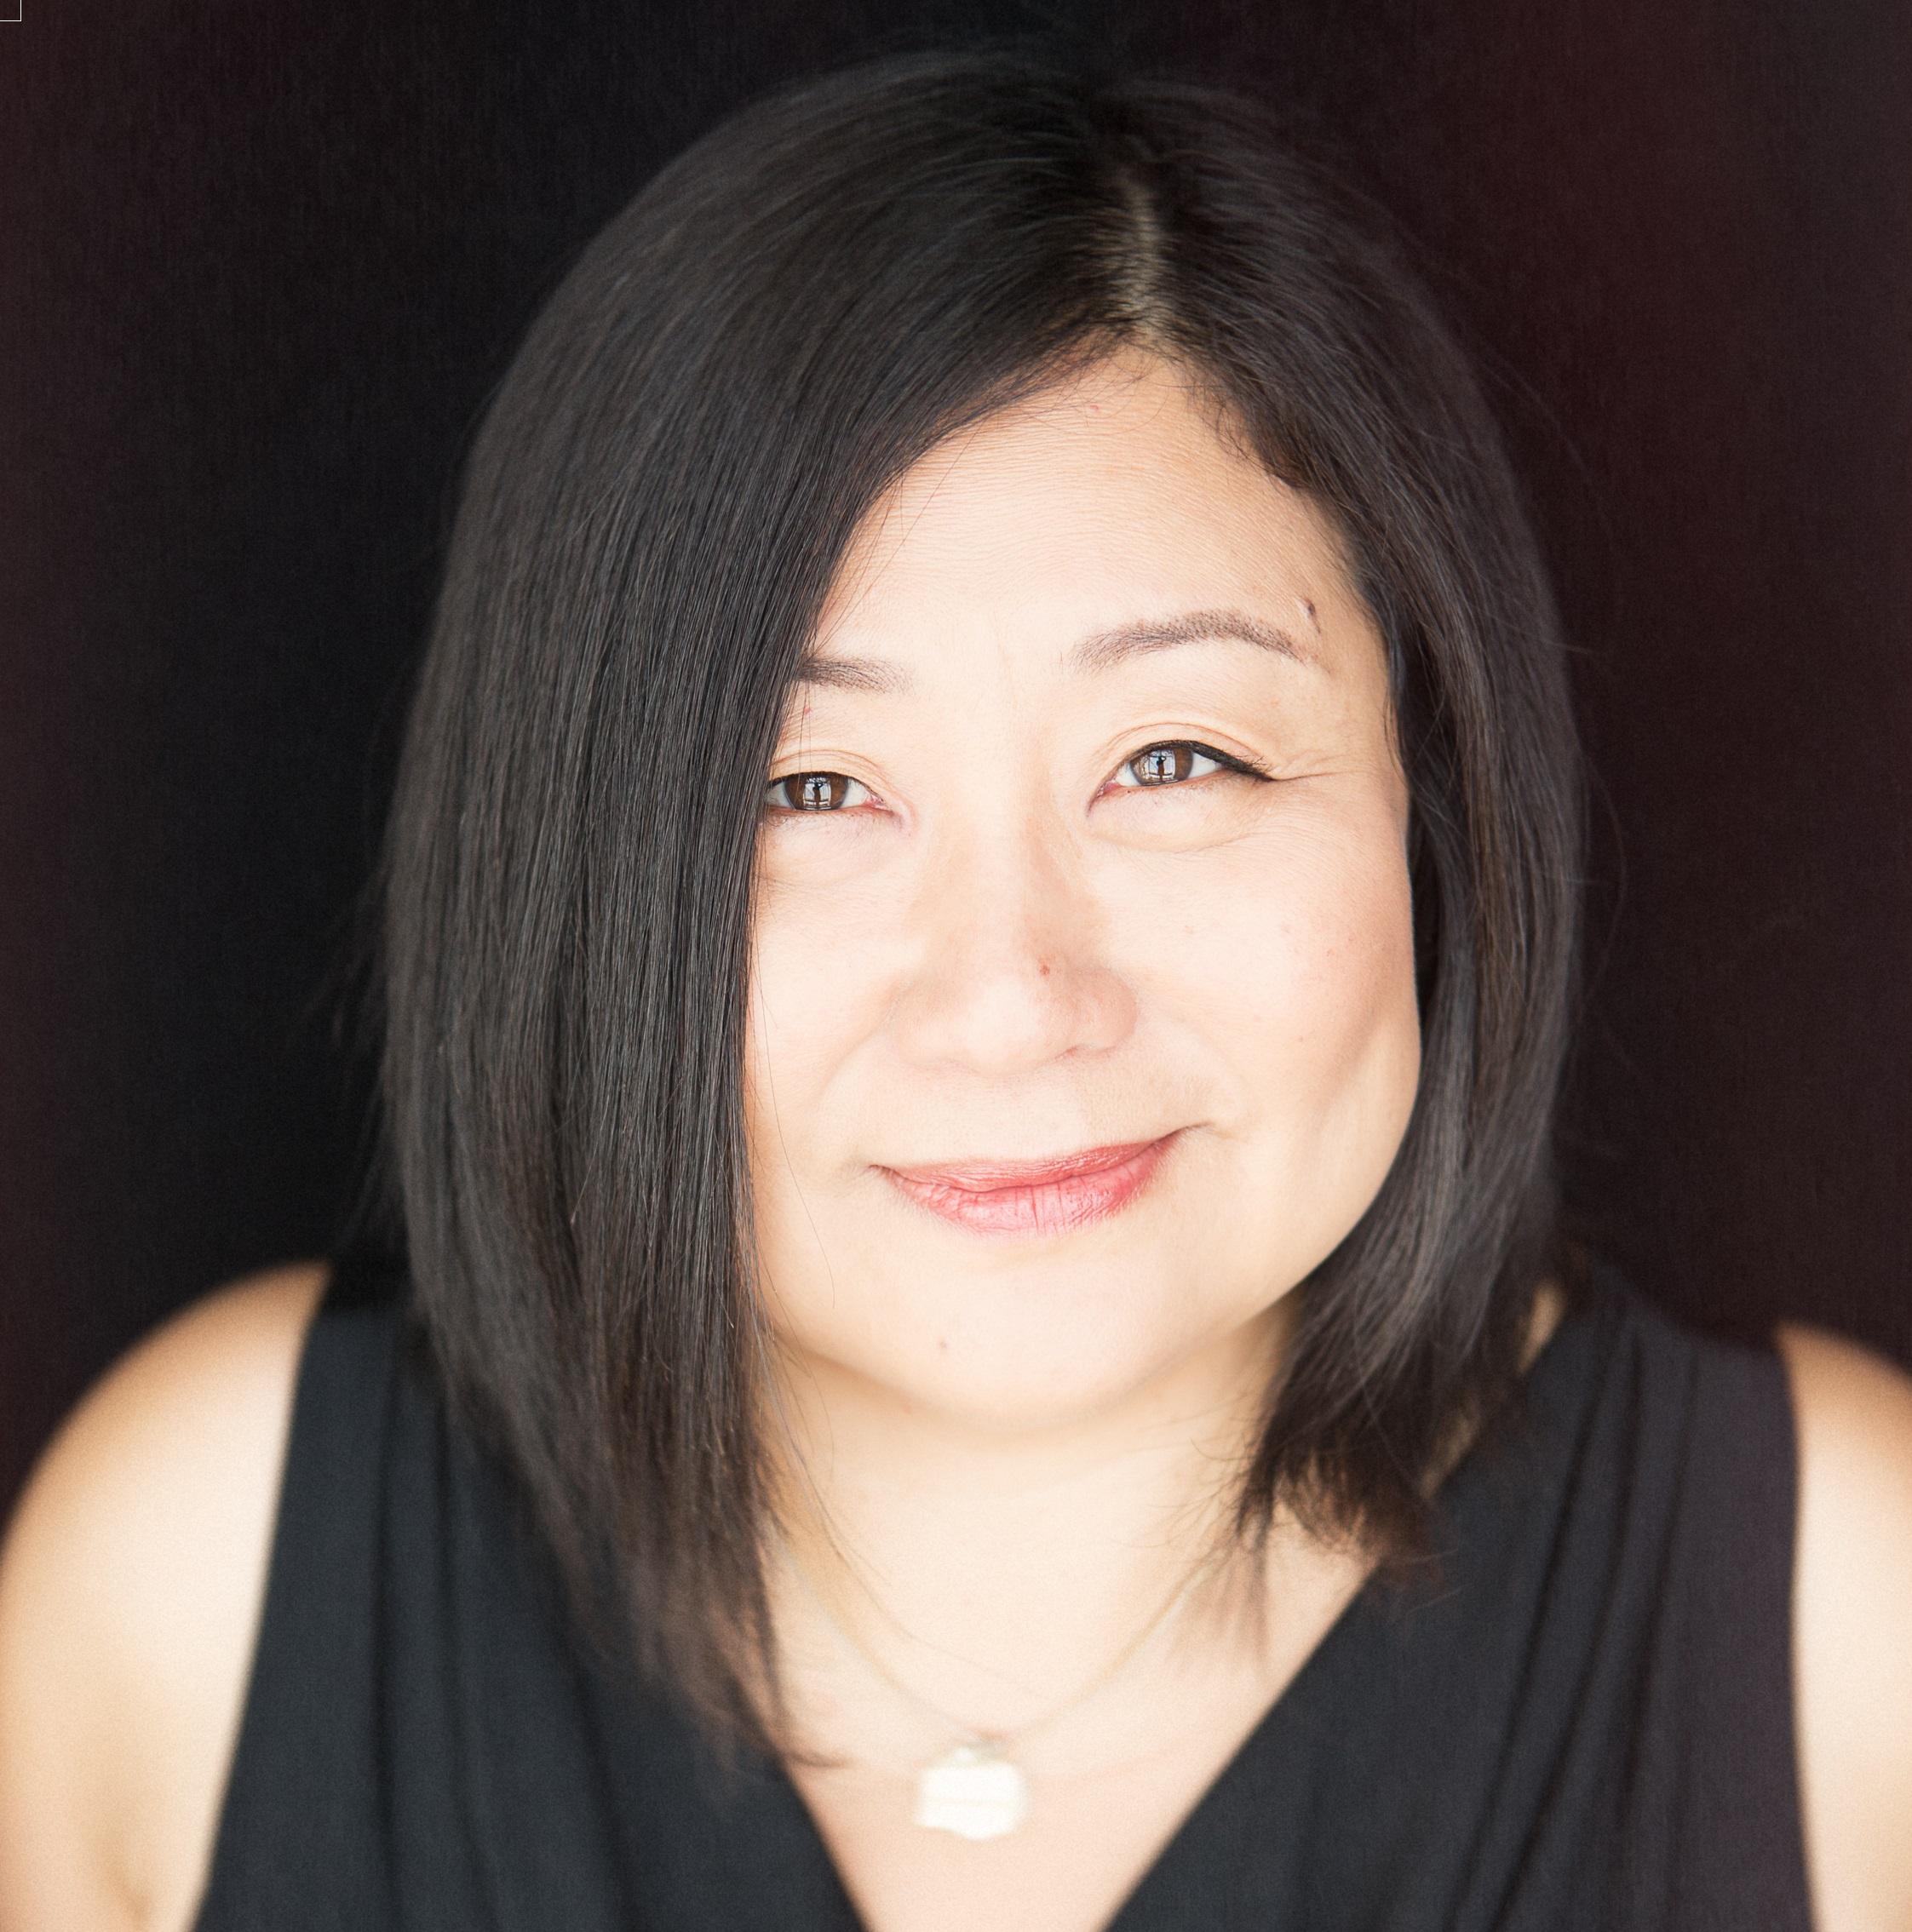 Myung J. Lee